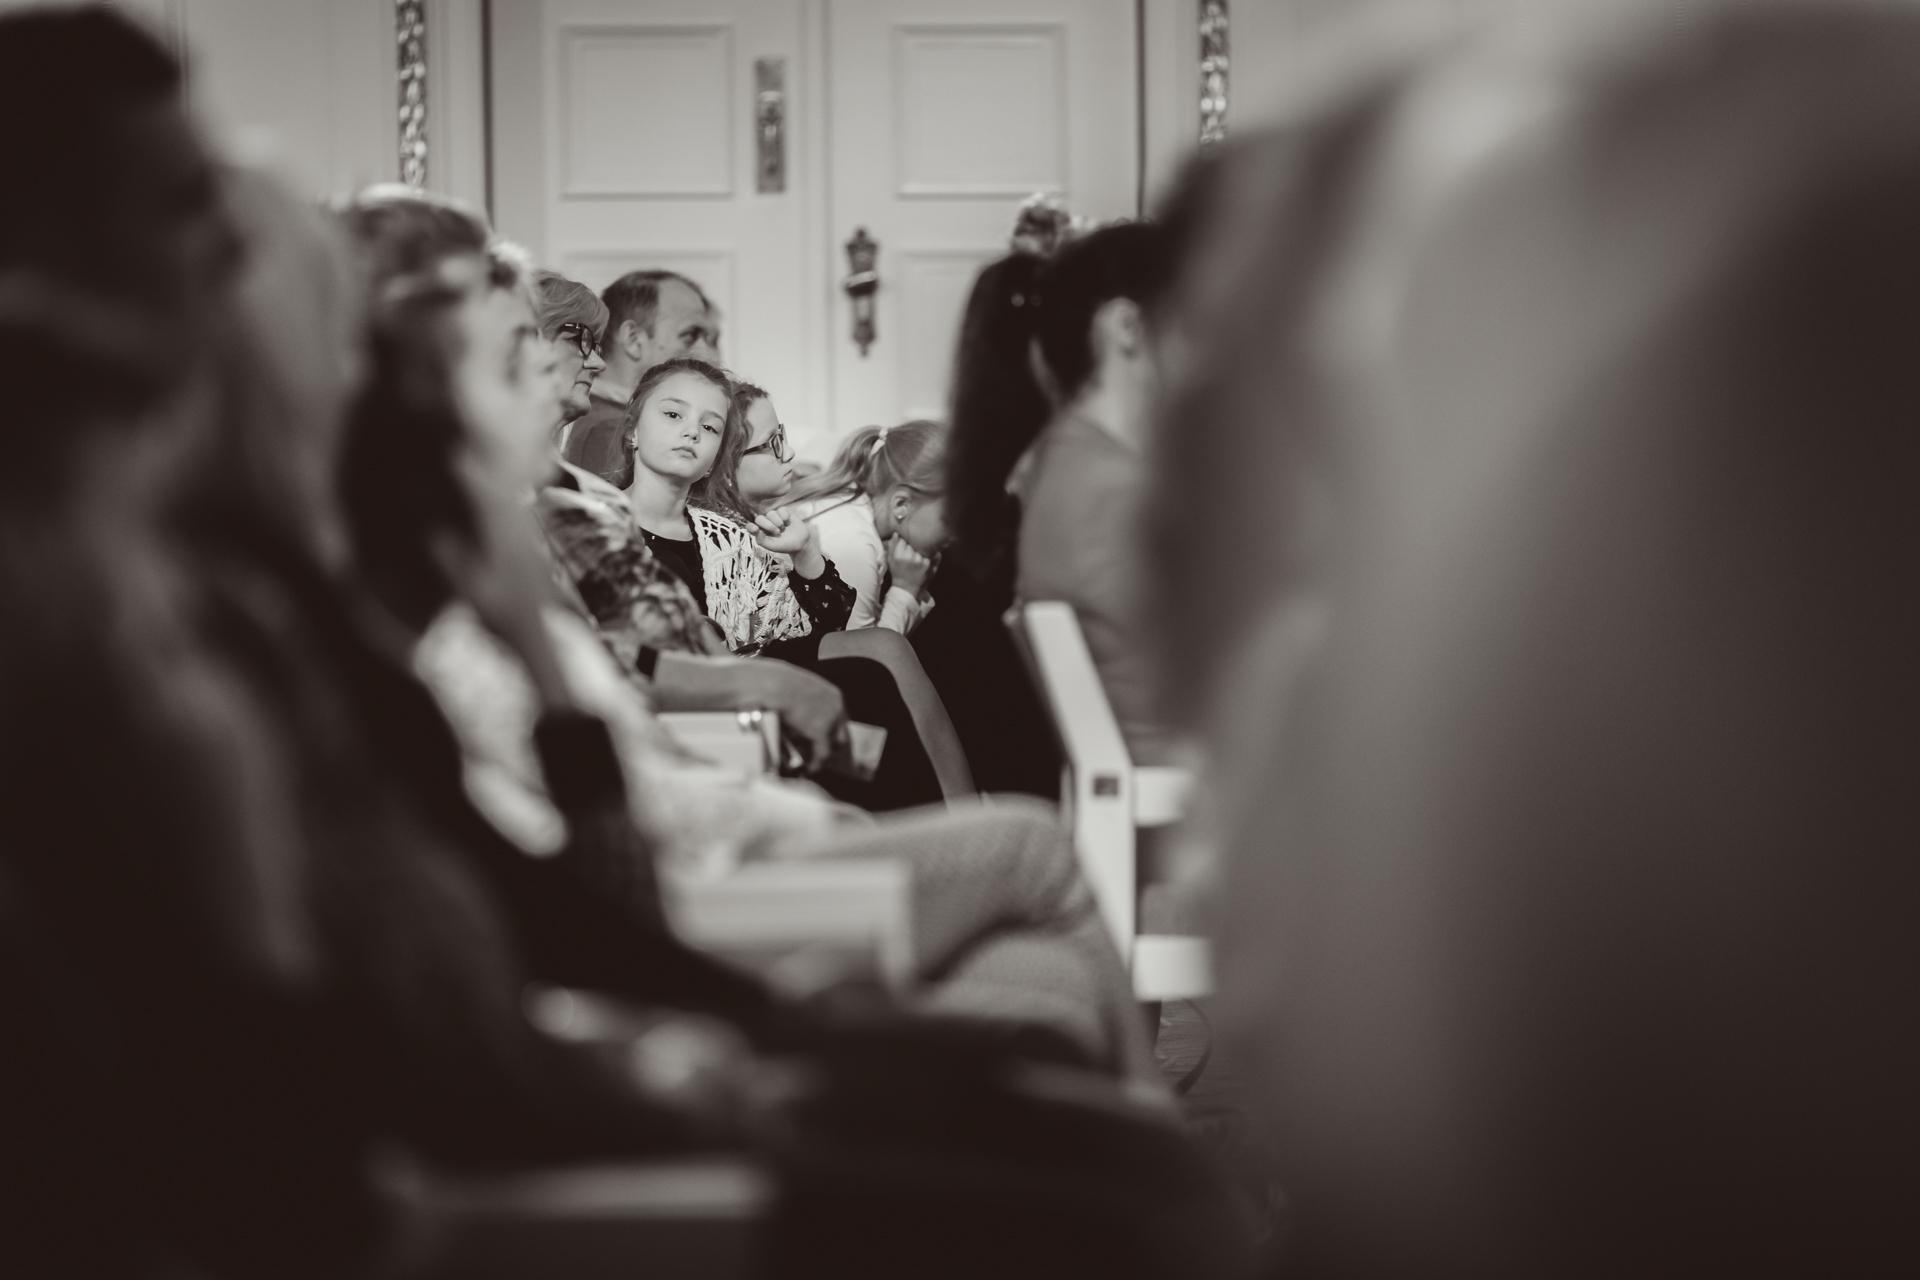 Hanna Asieieva (Ukraina) - Etap 2 - 15. Międzynarodowy Konkurs Skrzypcowy im. H. Wieniawskiego BINAURAL | na słuchawki